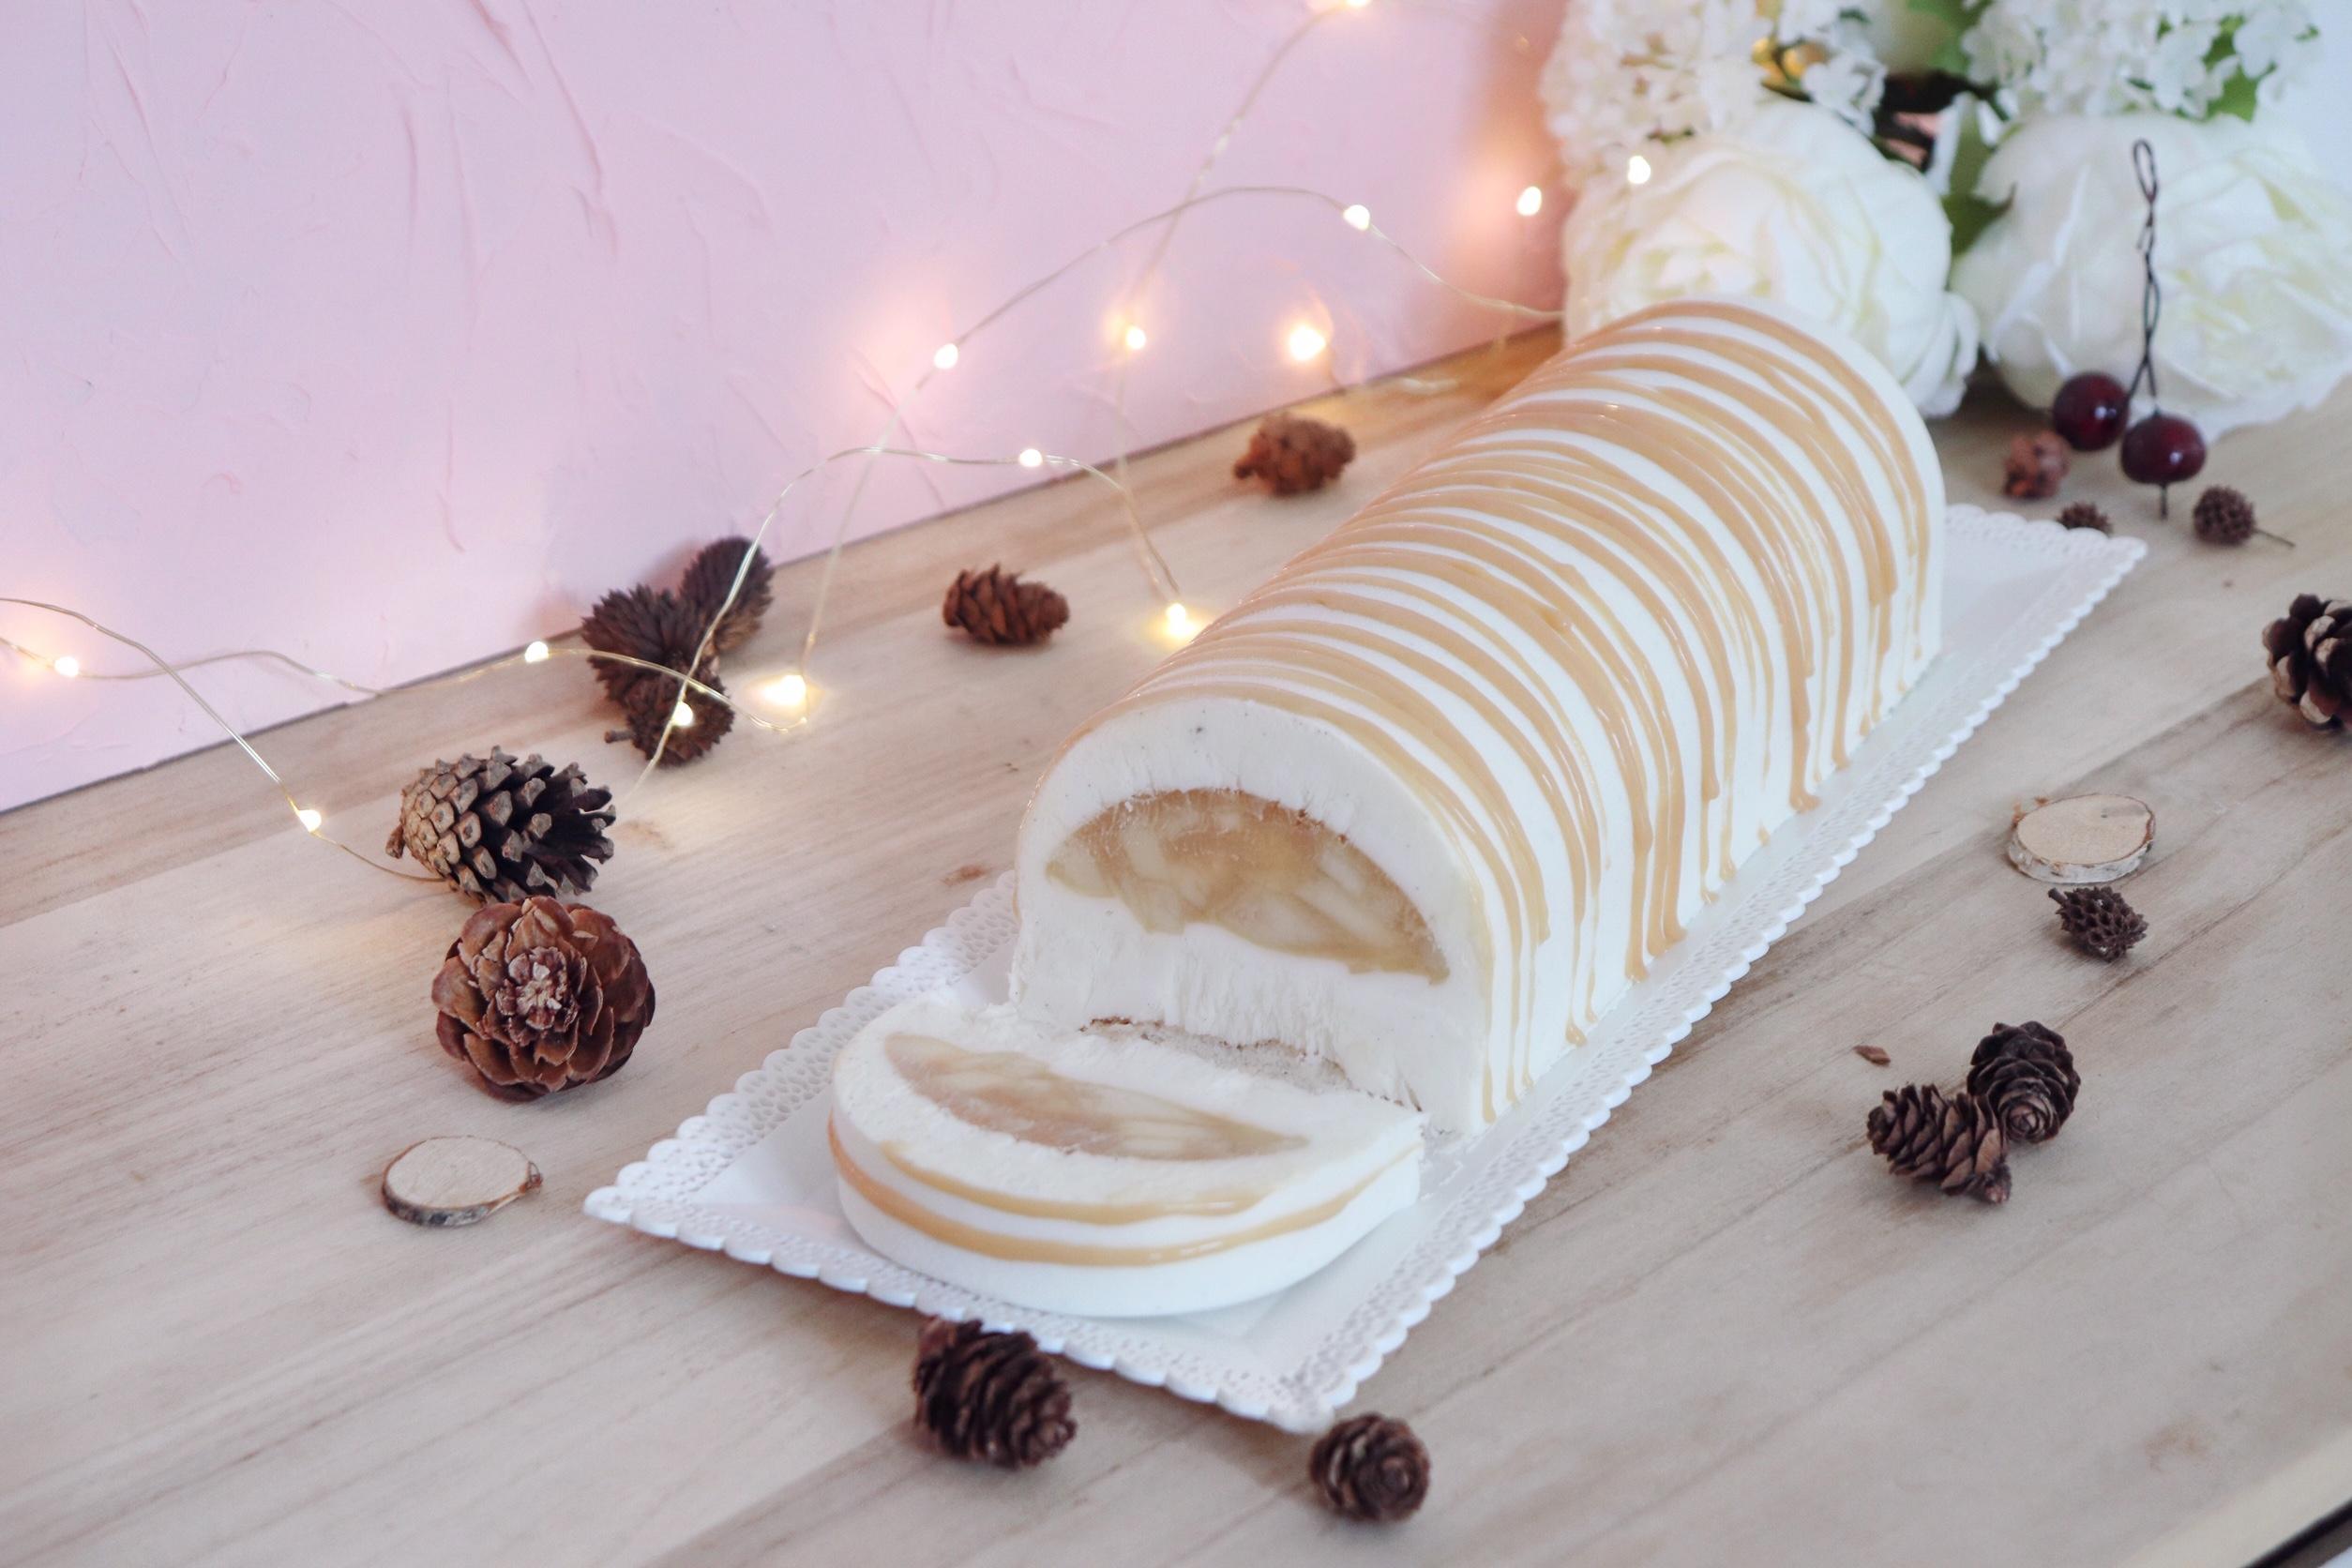 buche pomme-caramel recette patisserie léa patisseries inspirées